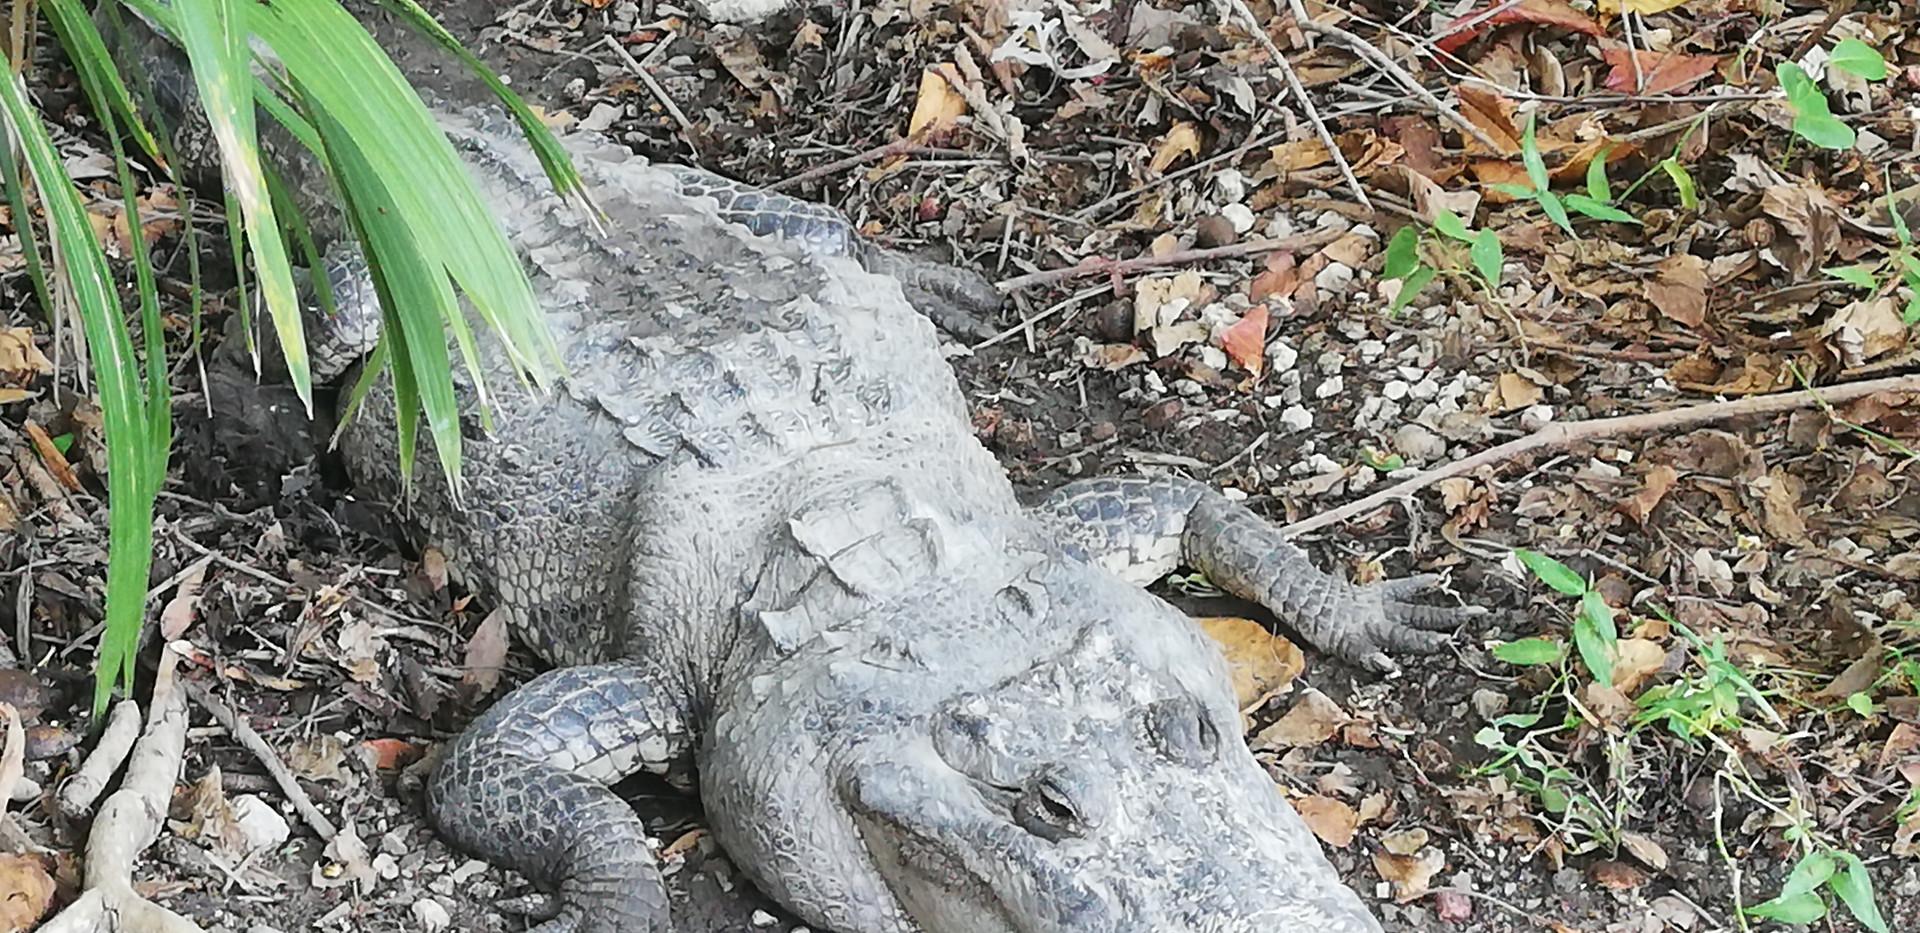 Croco a Puerto Morelos.jpg